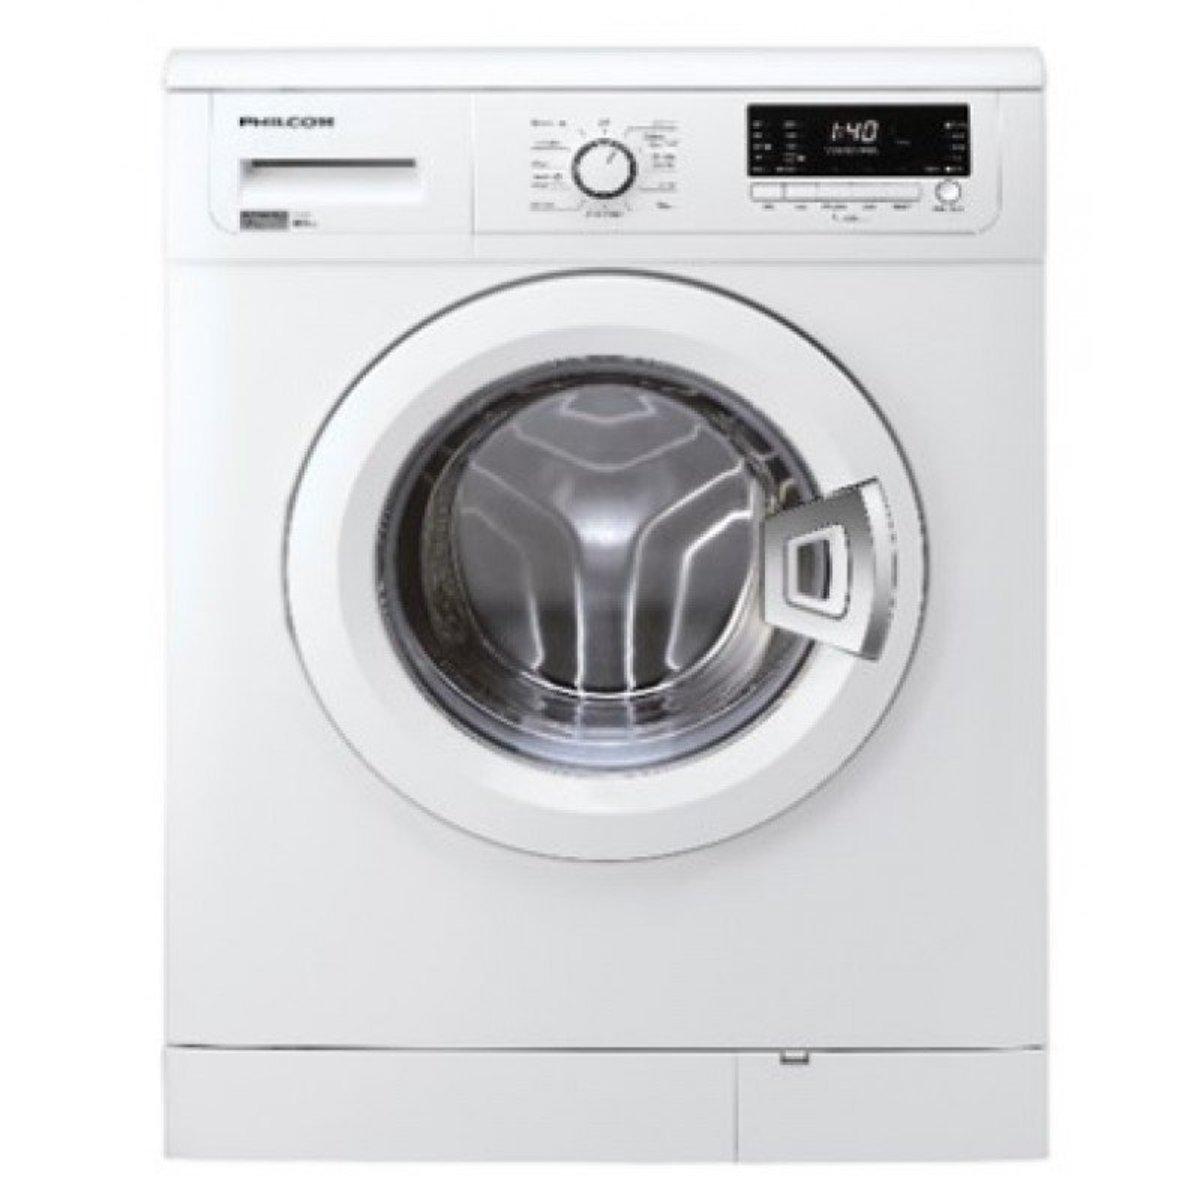 PW7512DX (7.5公斤1200轉)前置式洗衣機